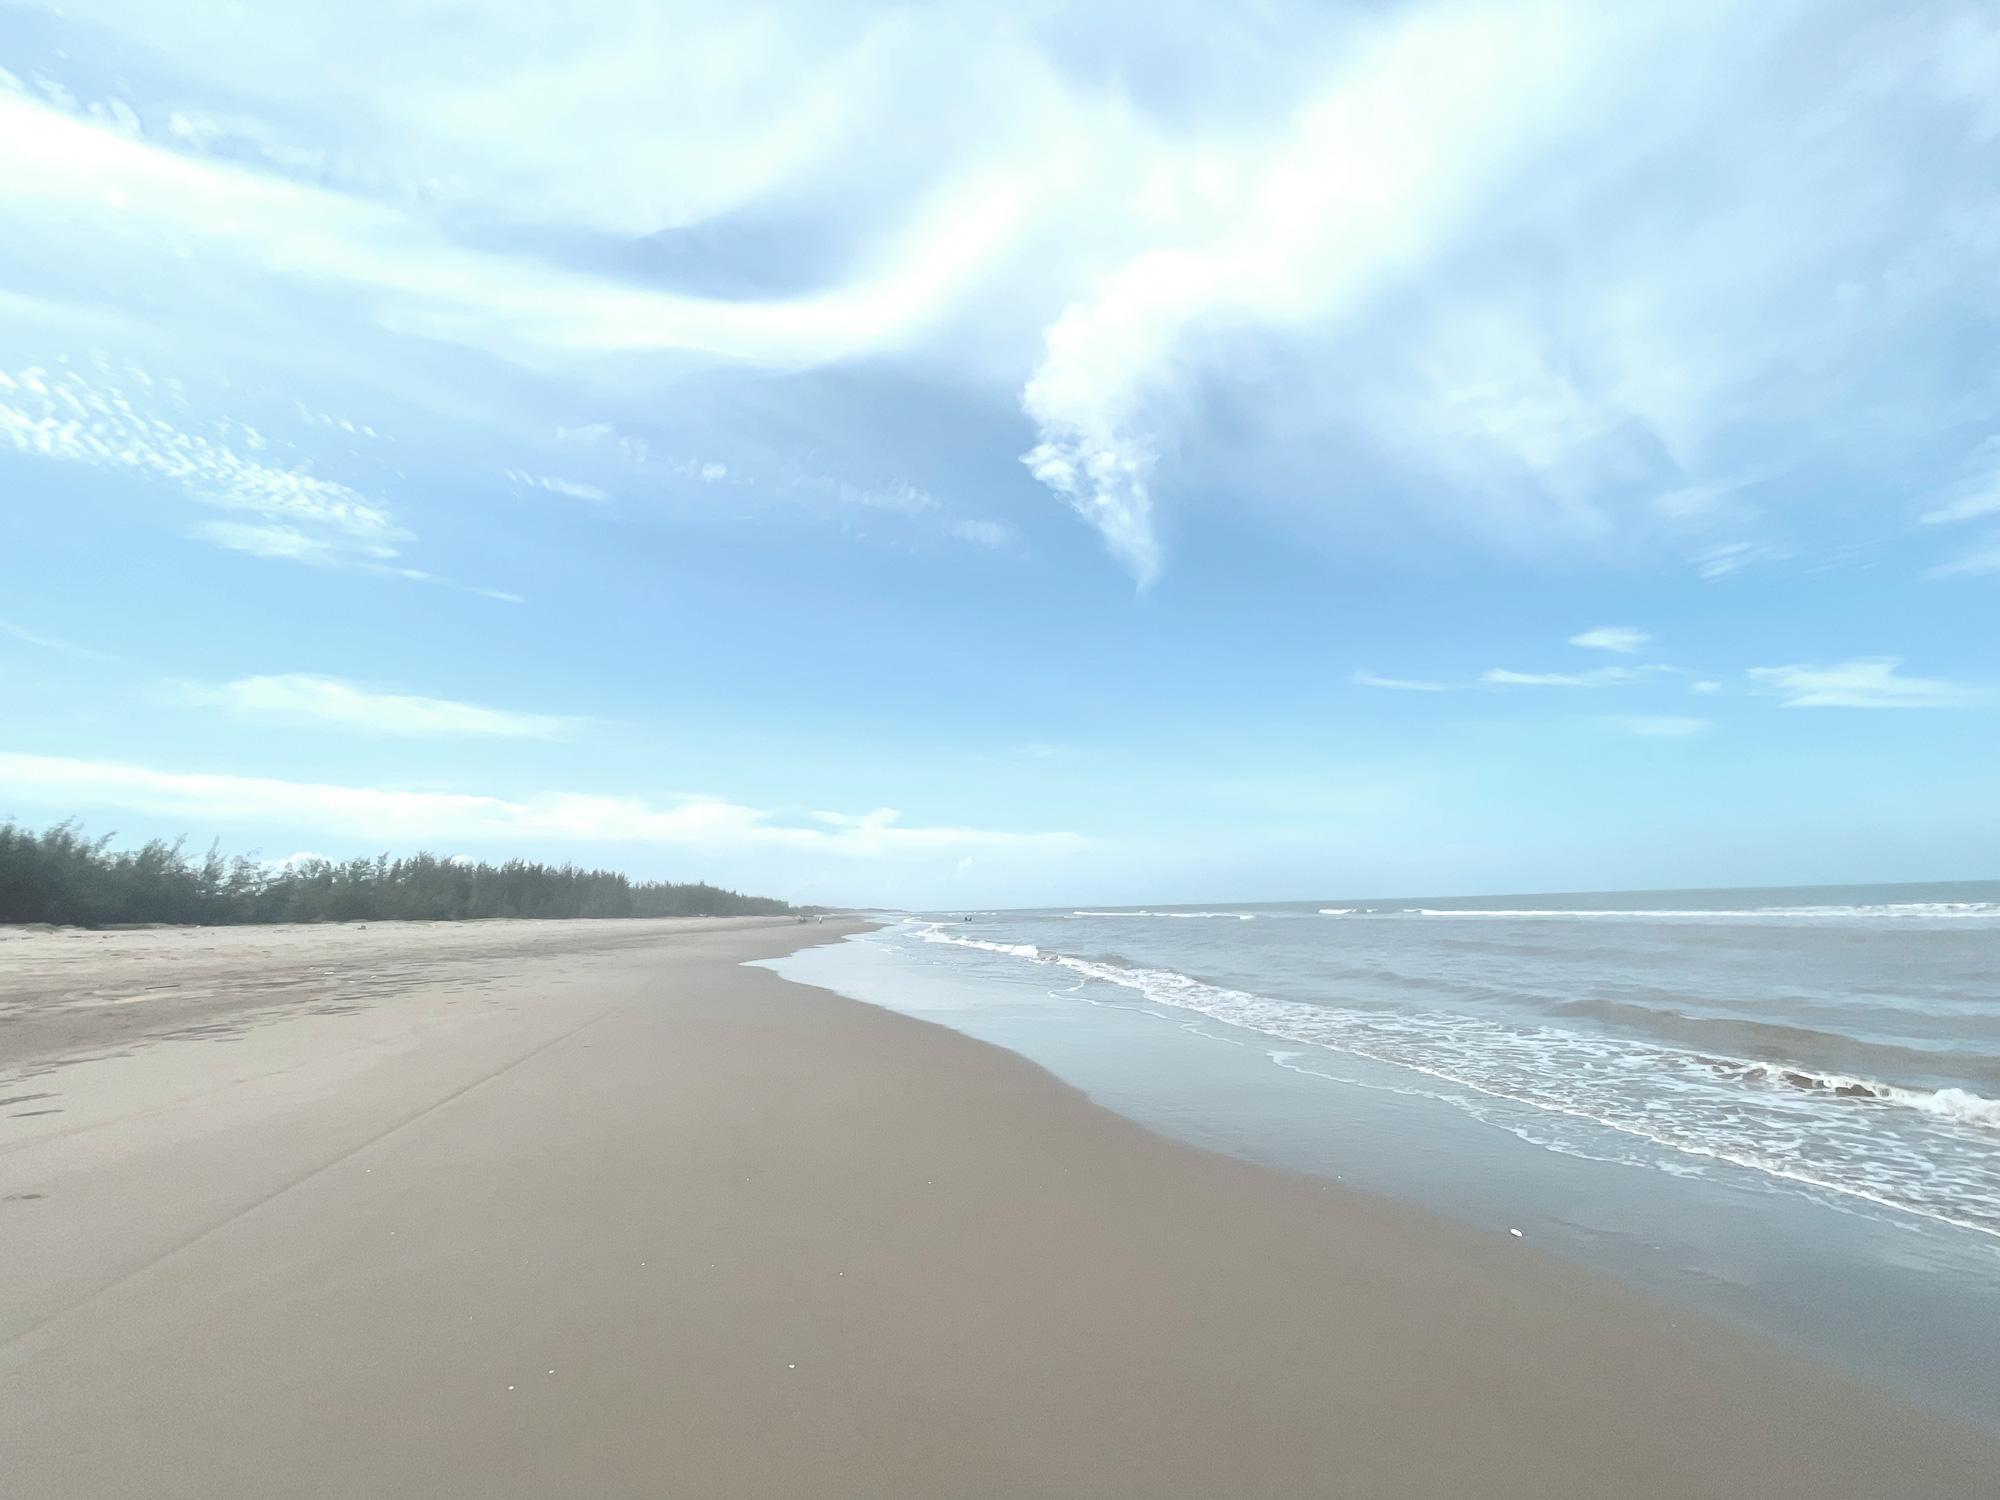 T&T Group khởi công xây dựng khu du lịch sinh thái biển tại Nghi Sơn - Thanh Hóa - Ảnh 2.